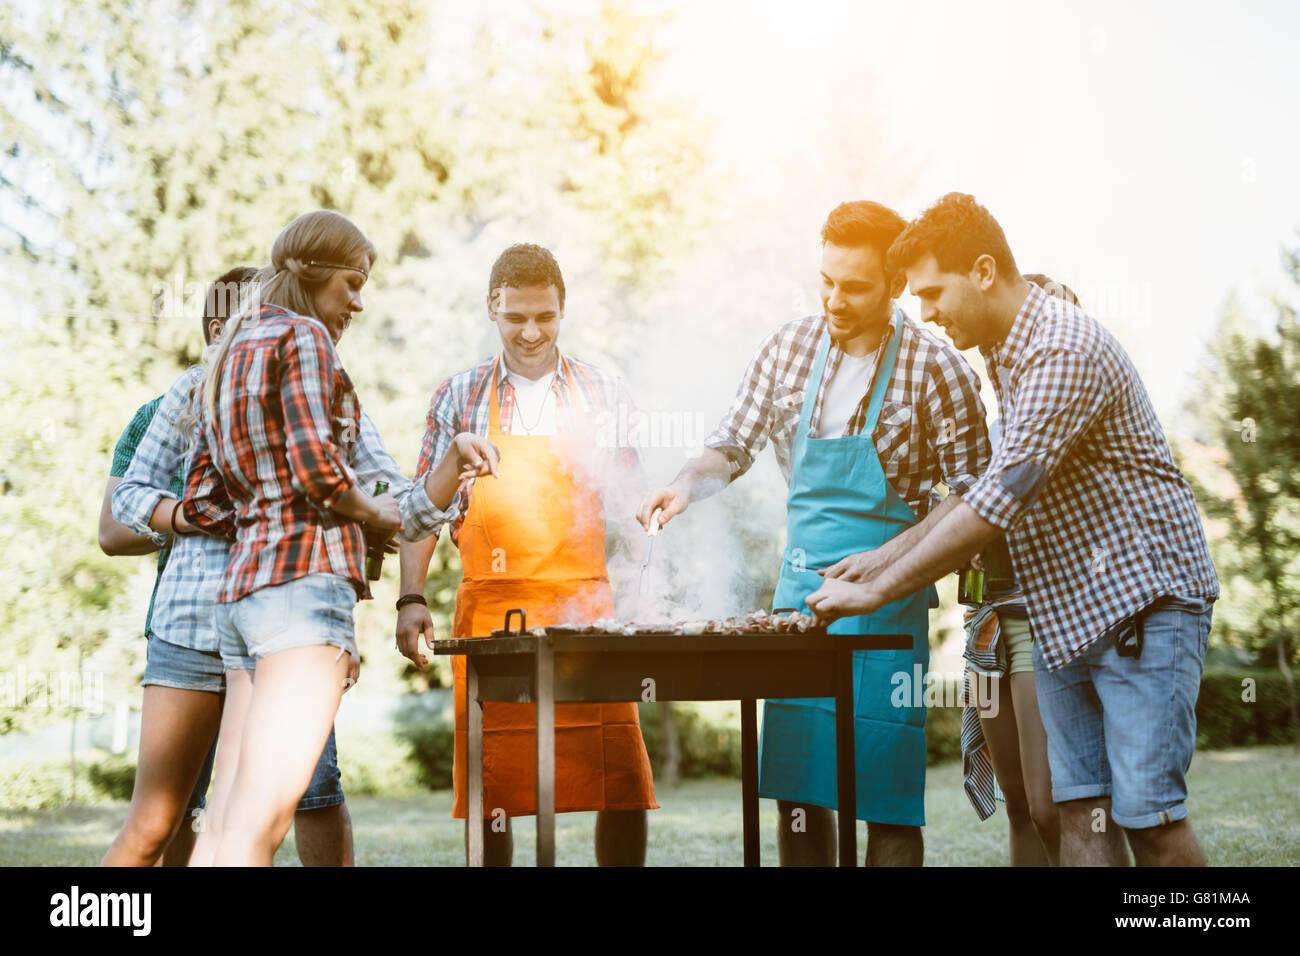 Los jóvenes disfrutando de barbacoas Imagen De Stock